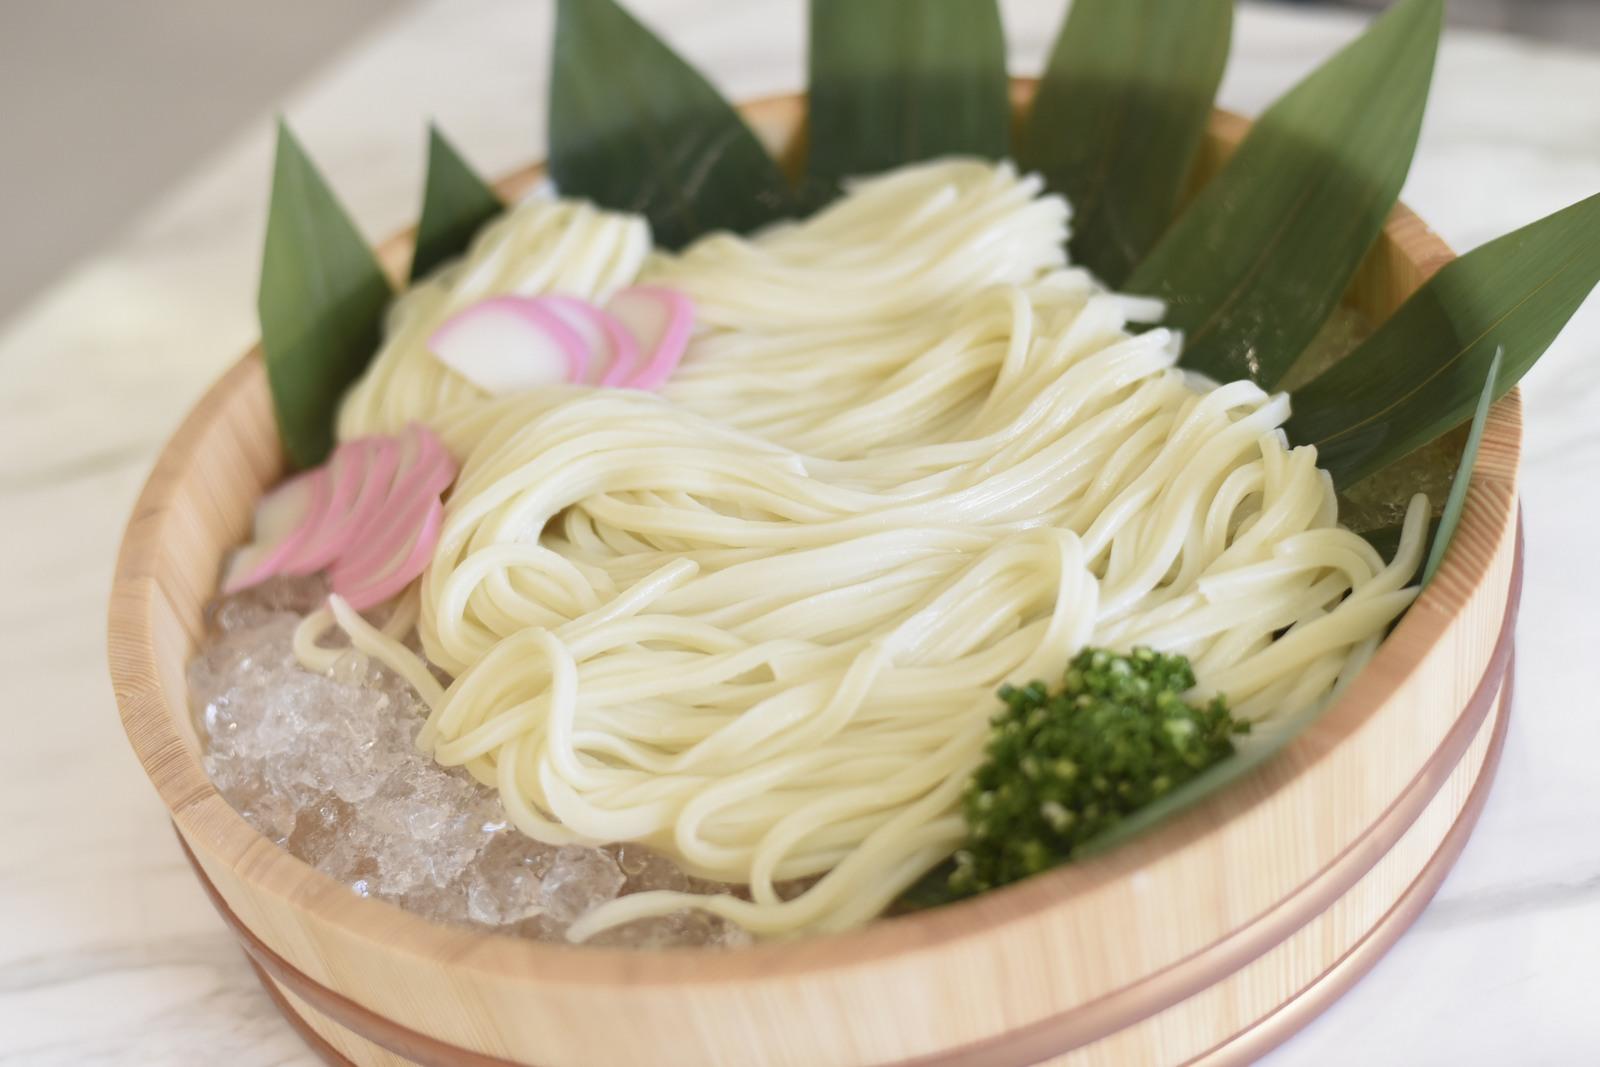 香川県の結婚式場シェルエメールで地元香川の讃岐うどんの演出